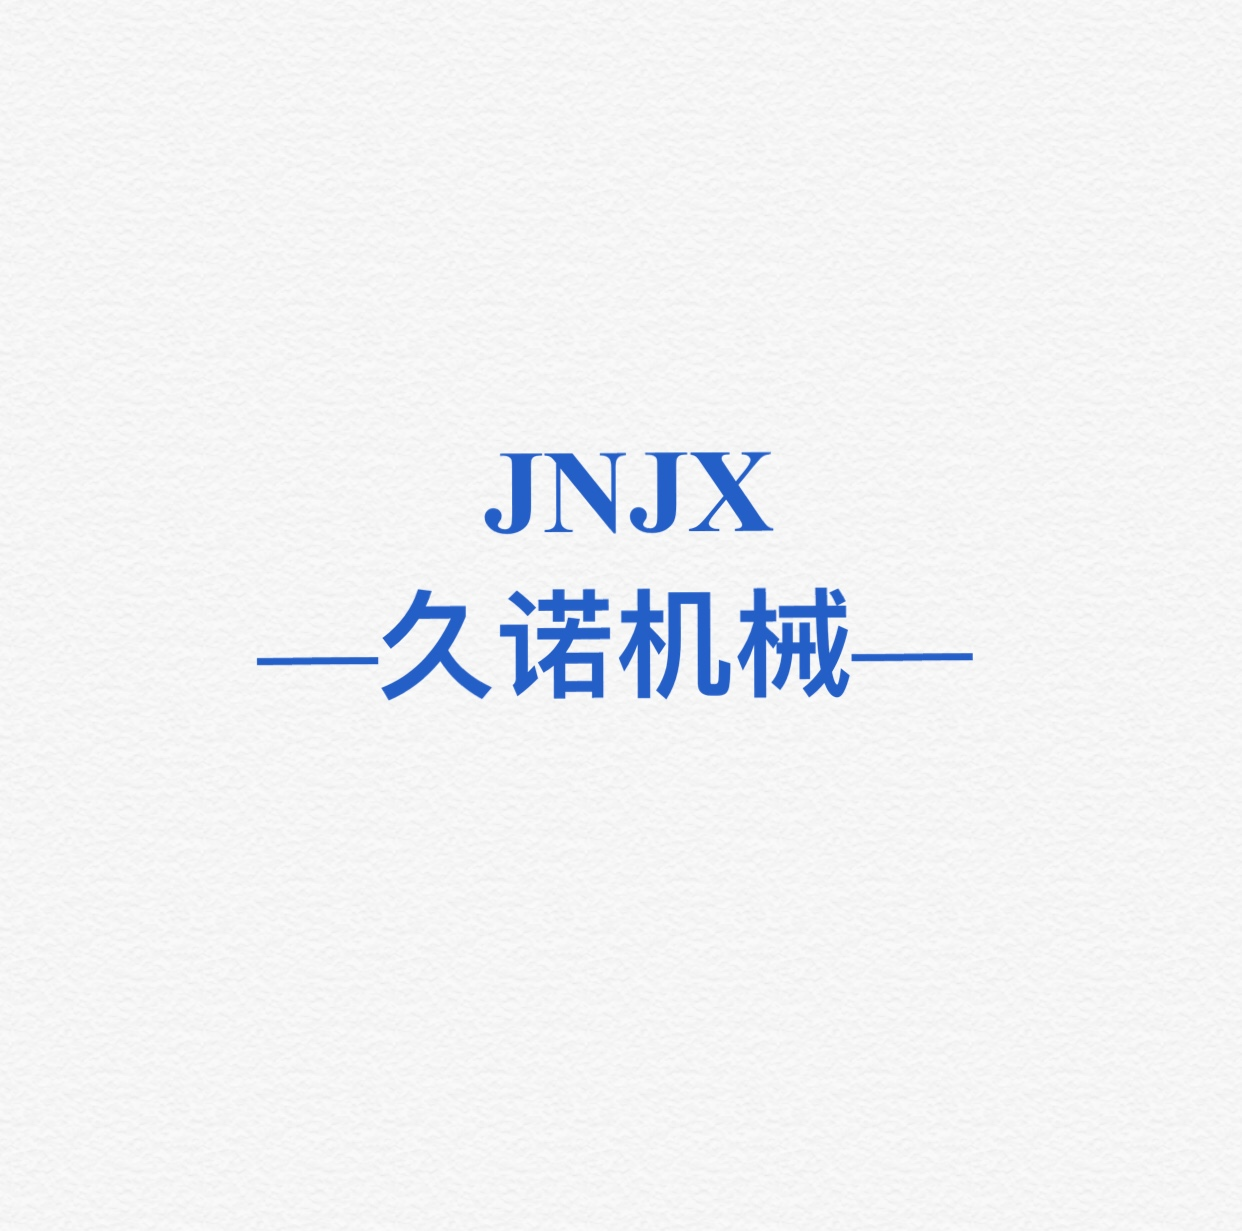 郑州久诺机械设备制造有限公司